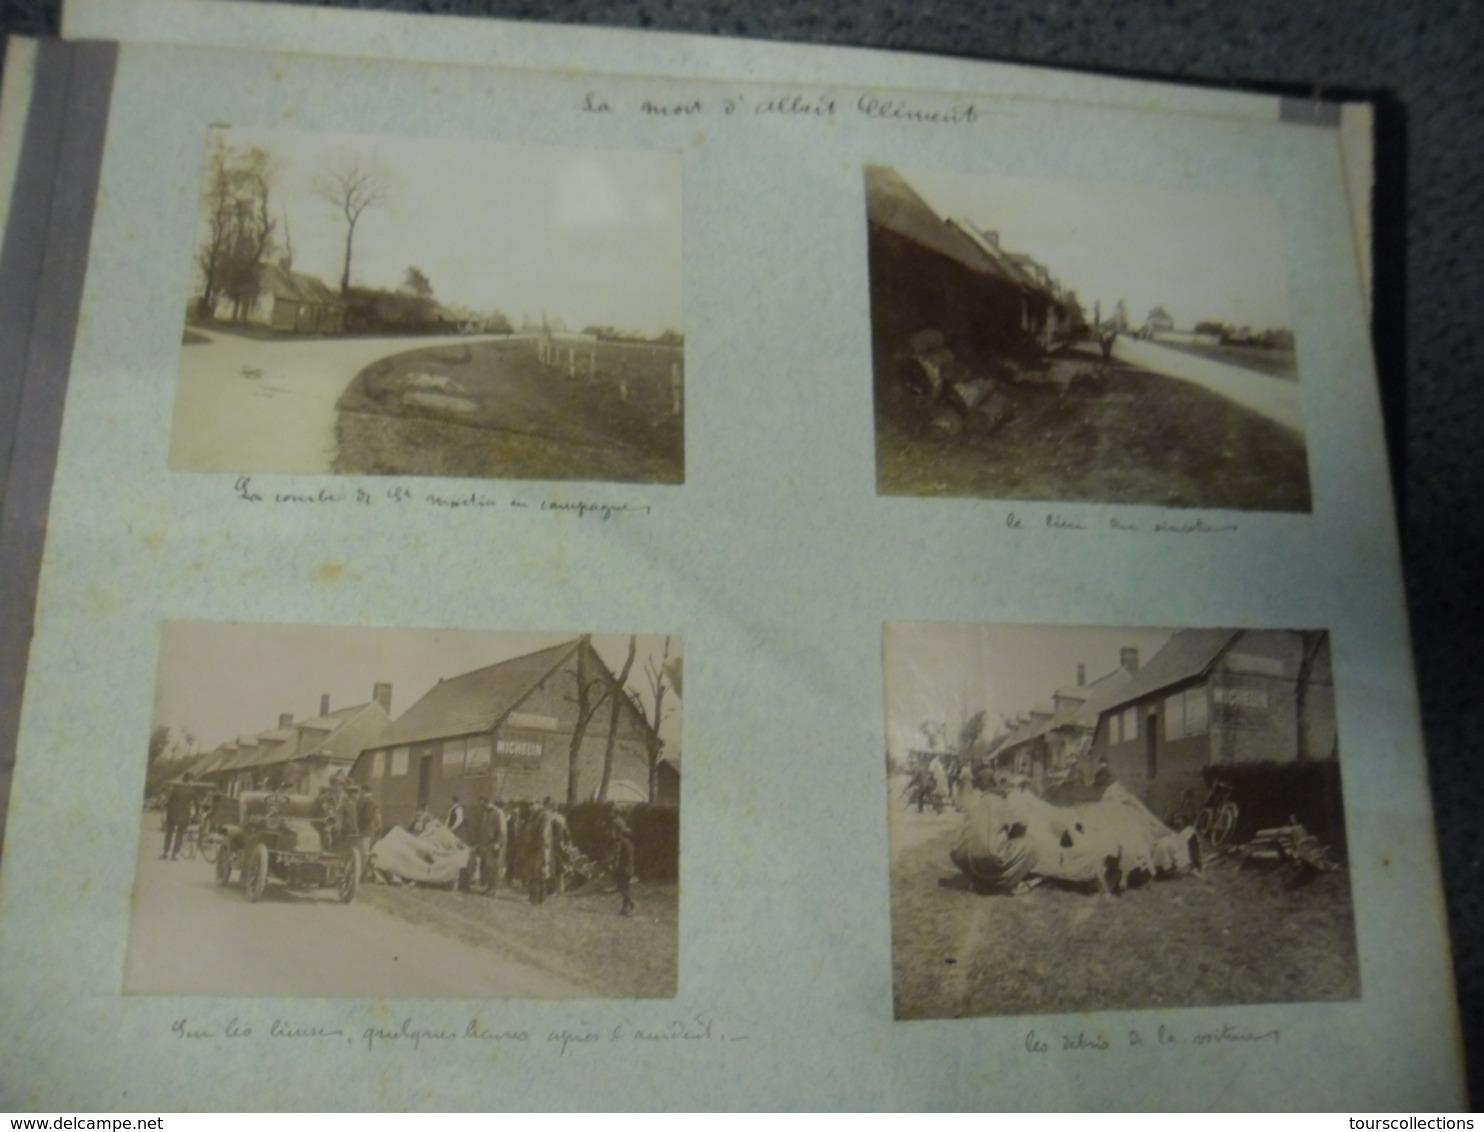 4 Photos De La Mort D'Albert Clément Le 17 Mai 1907 à Saint Martin Près De Dieppe (76) Aéronaute Et Pilote Automobile - Automobiles